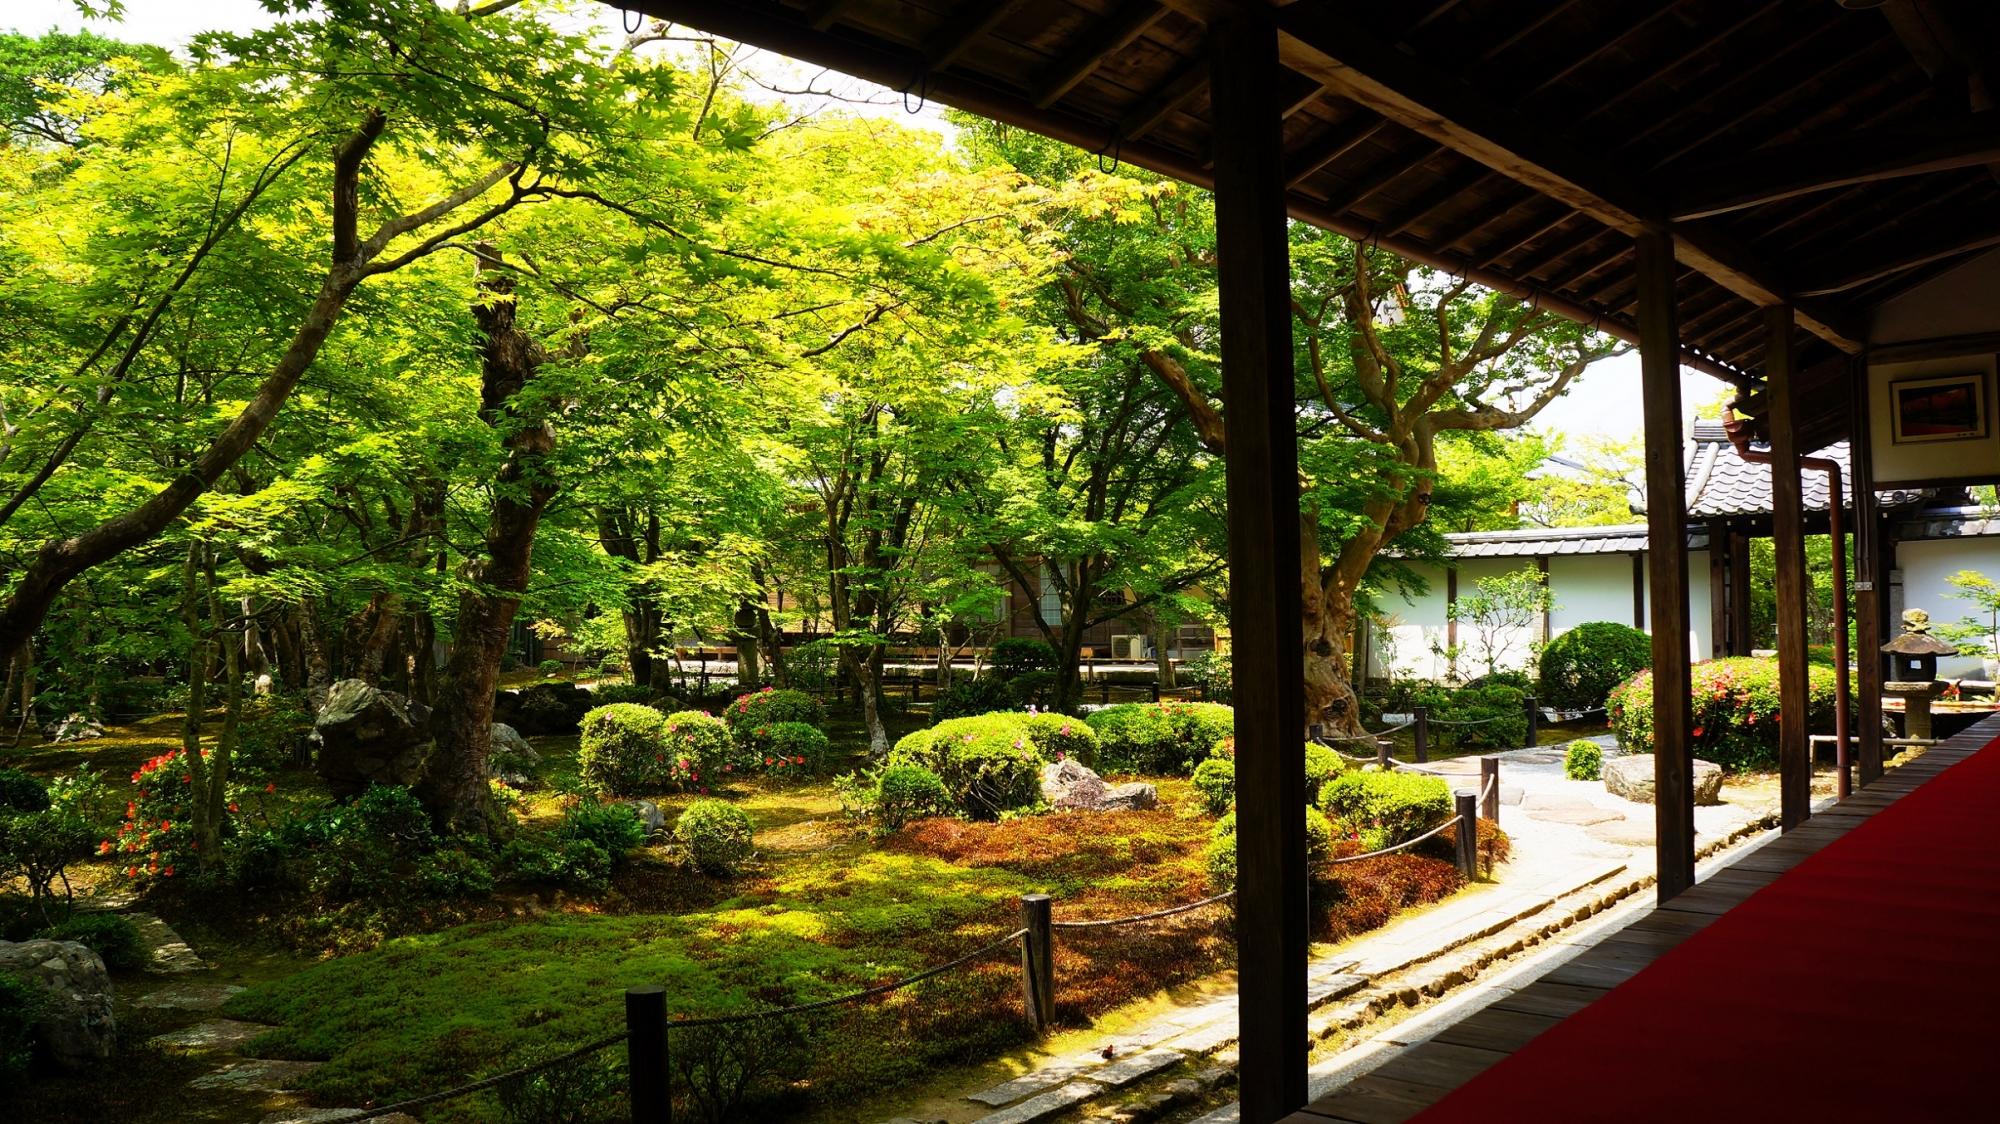 独り占めの緑の庭園